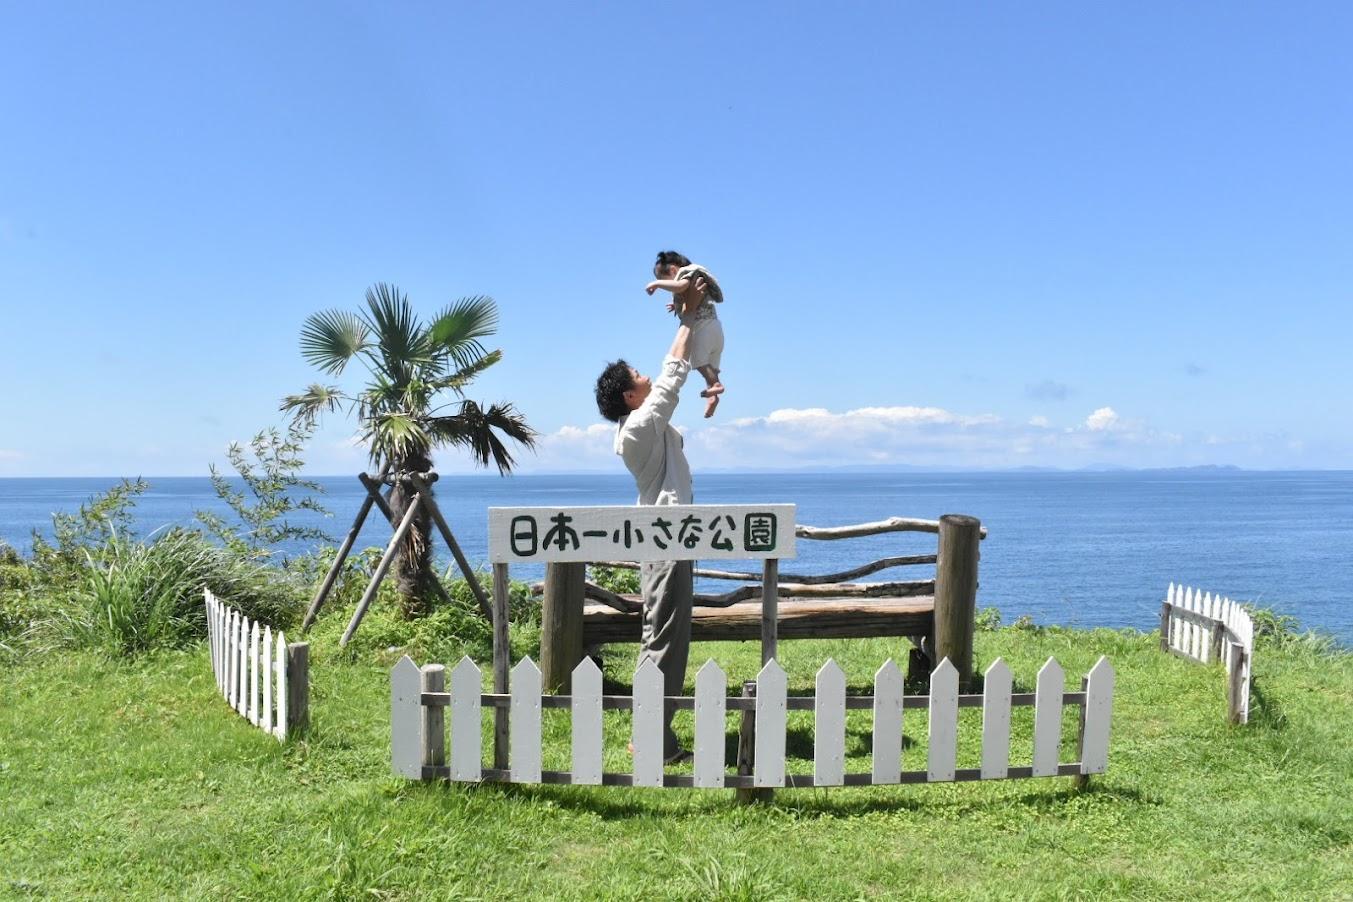 松島屈指のビュー&フォトスポットで記念写真を!-0